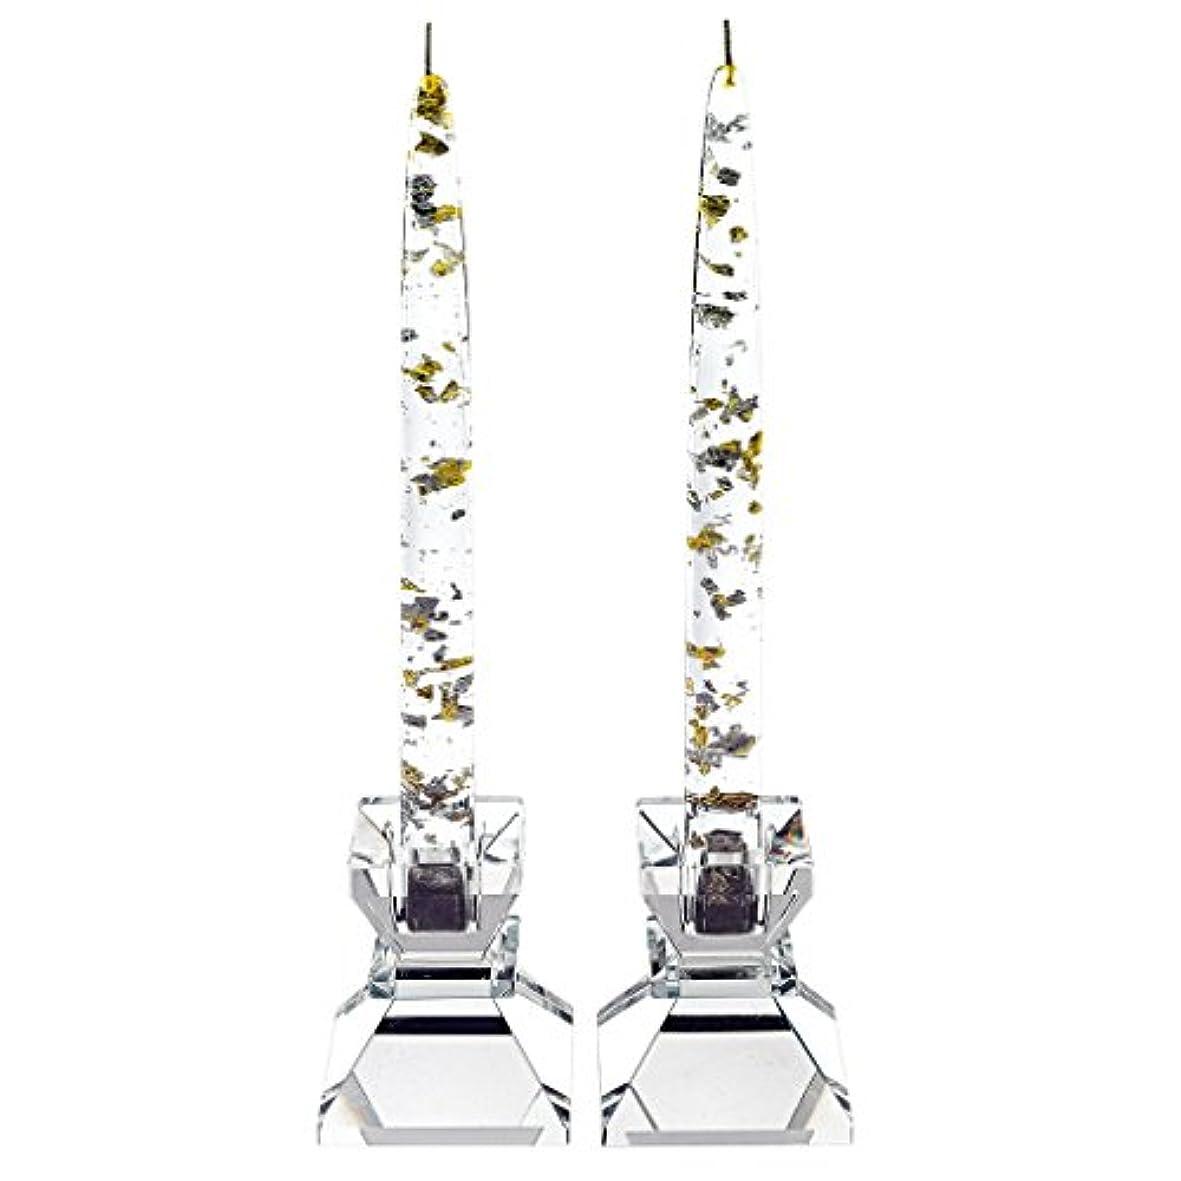 オリエンテーション感謝祭ライオンBadash Crystal G121 SILVER - GOLD FLECK 8 in. CANDLE